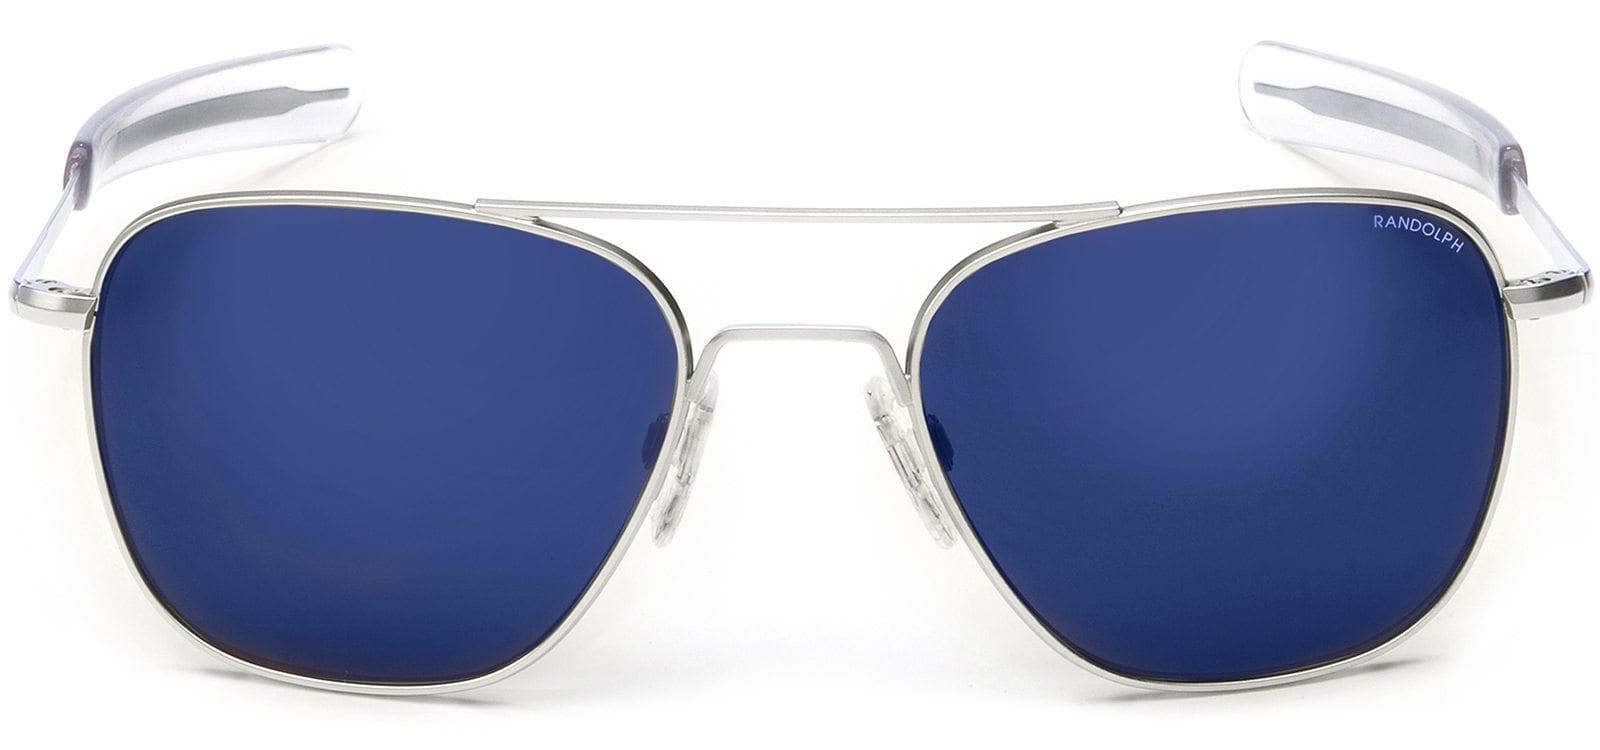 c664b44ba6bb John Krasinski Sunglasses - ADS Lifestyle